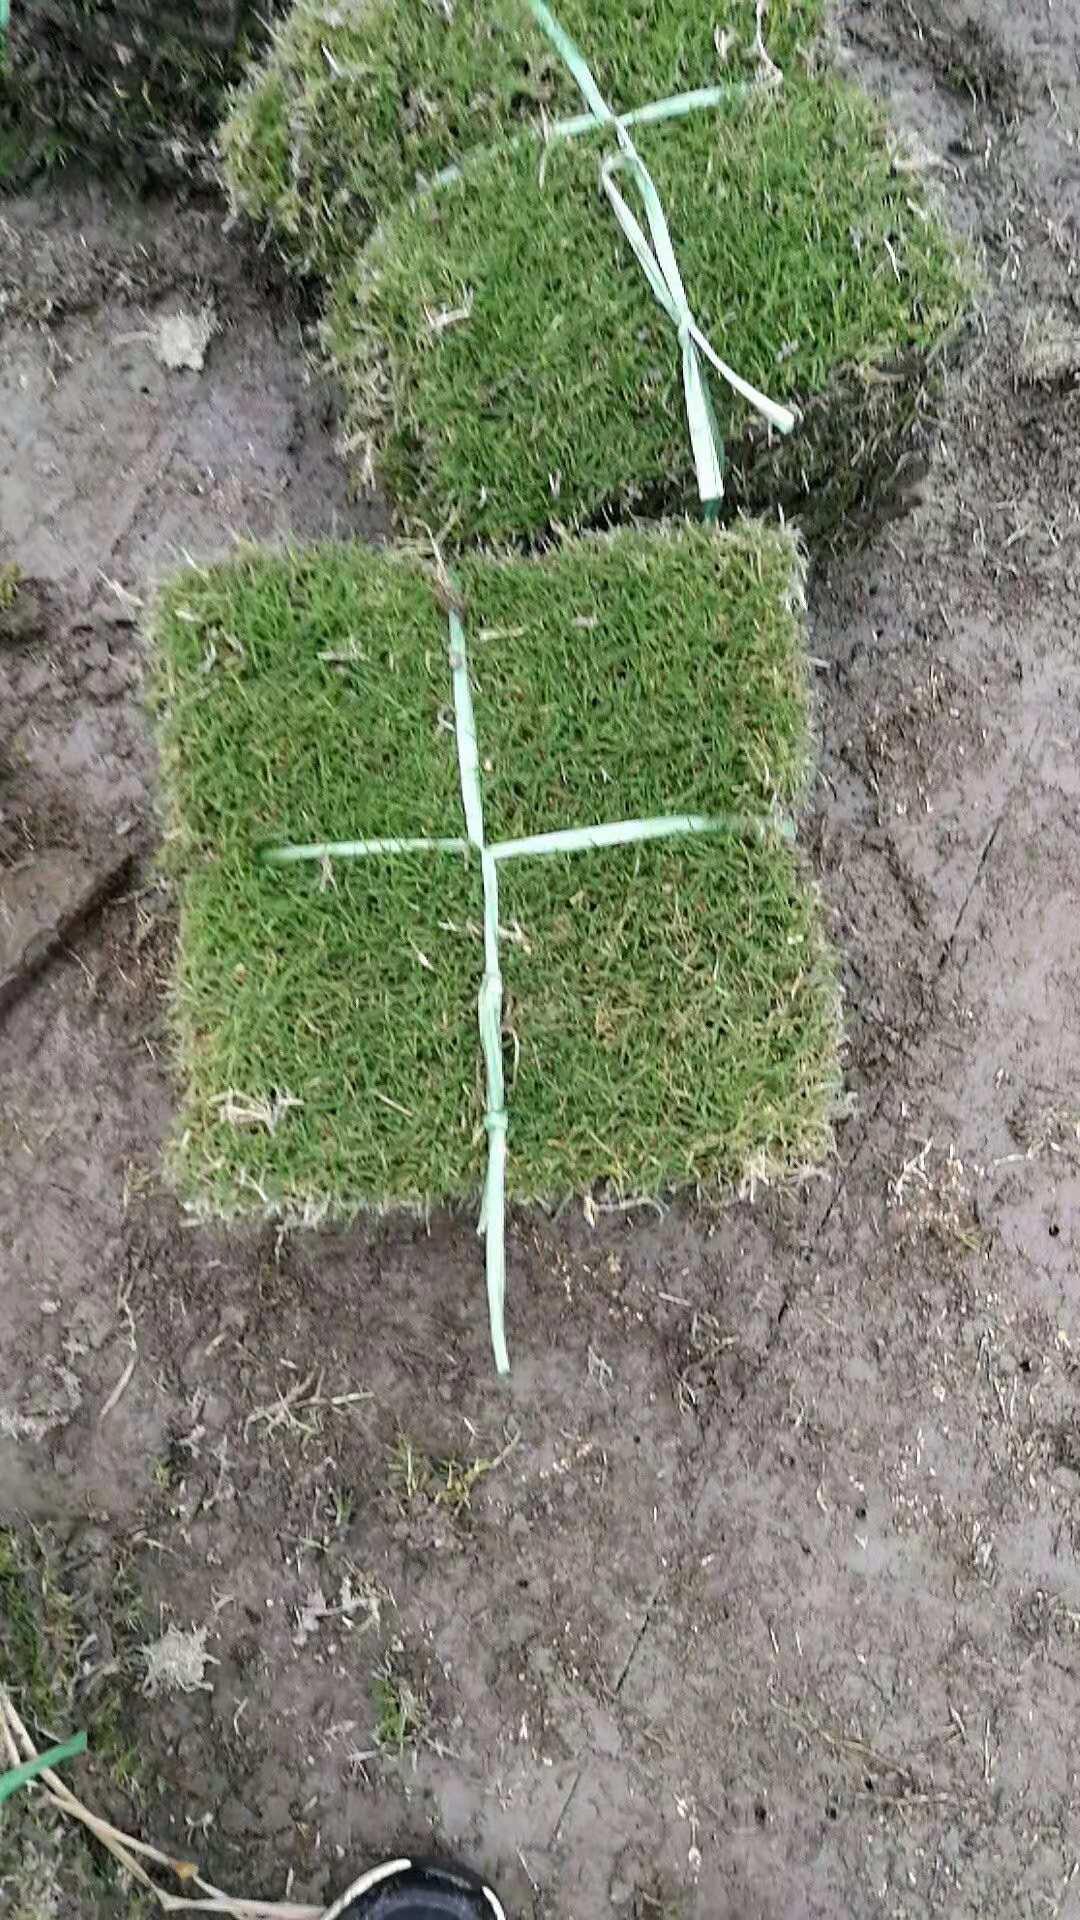 青青草坪打包好的台湾草皮